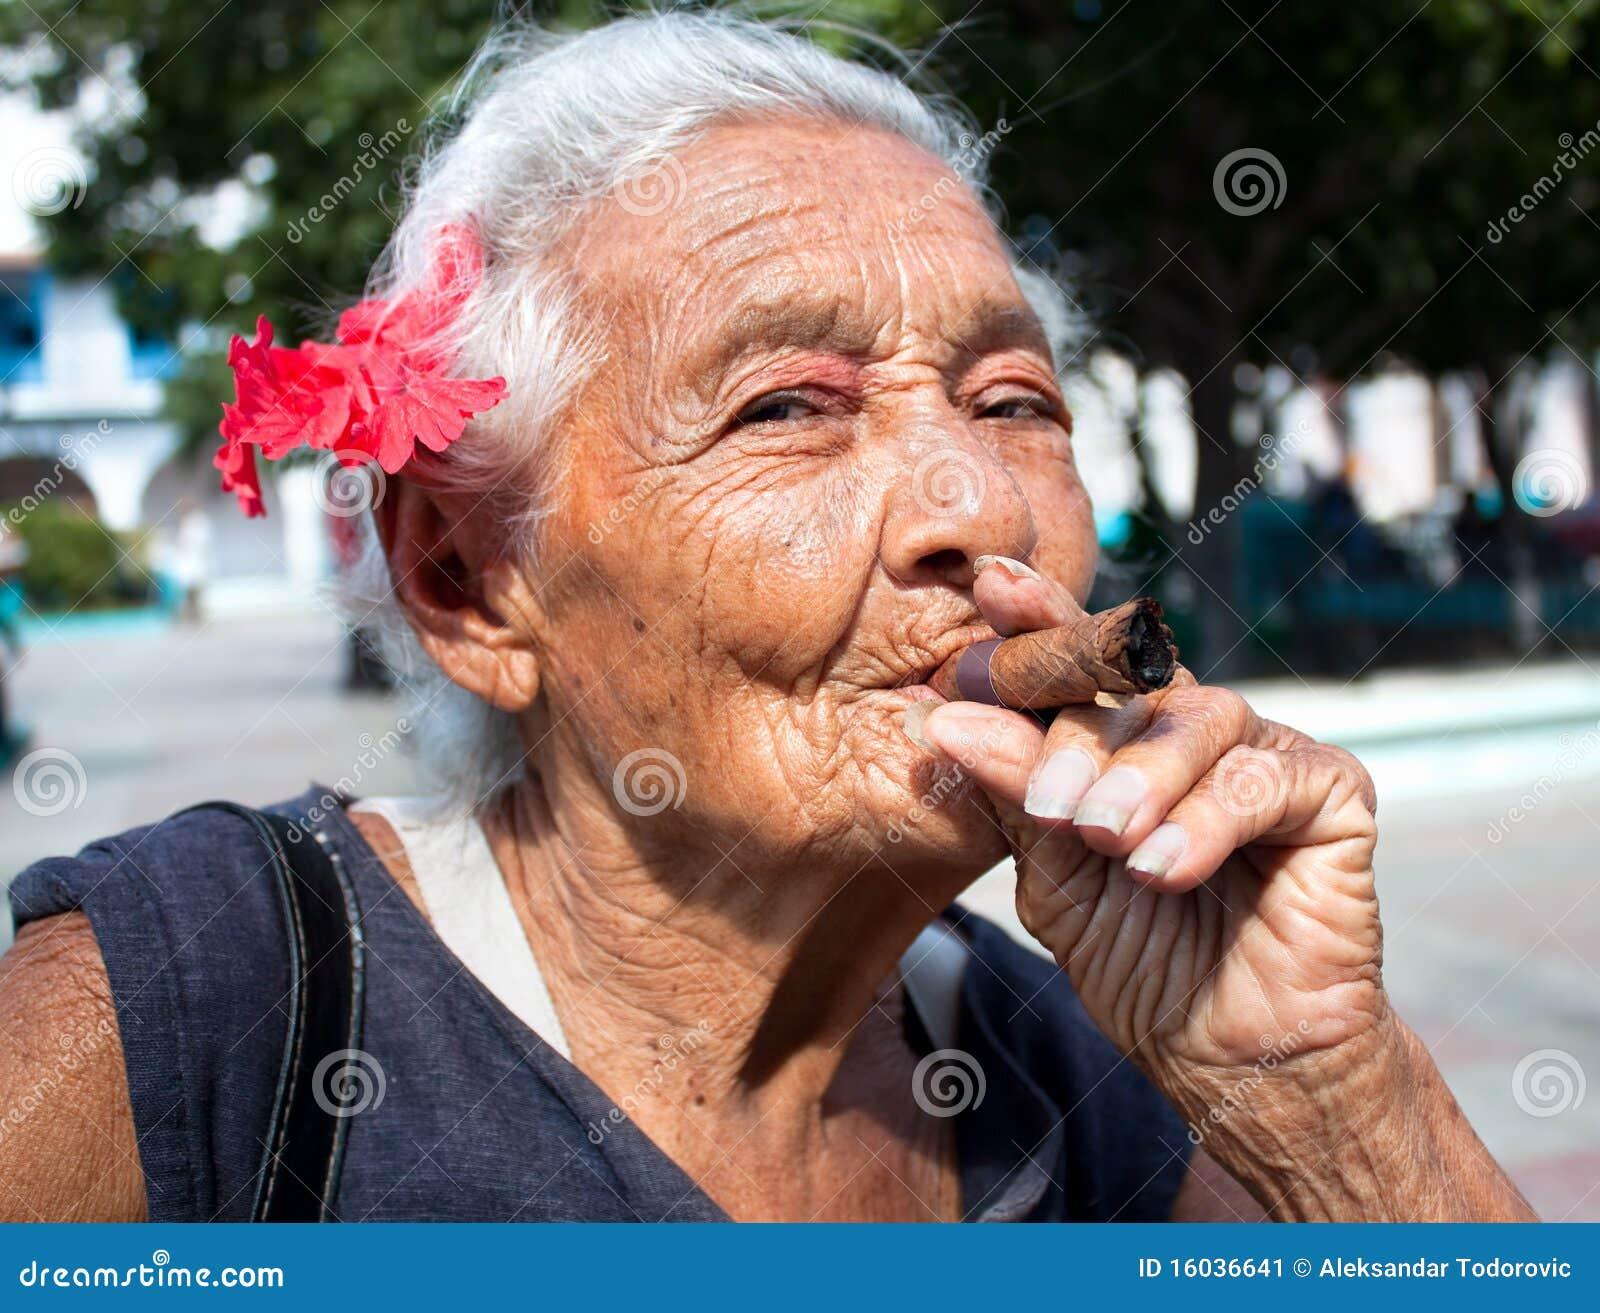 Жопа бабушки фото